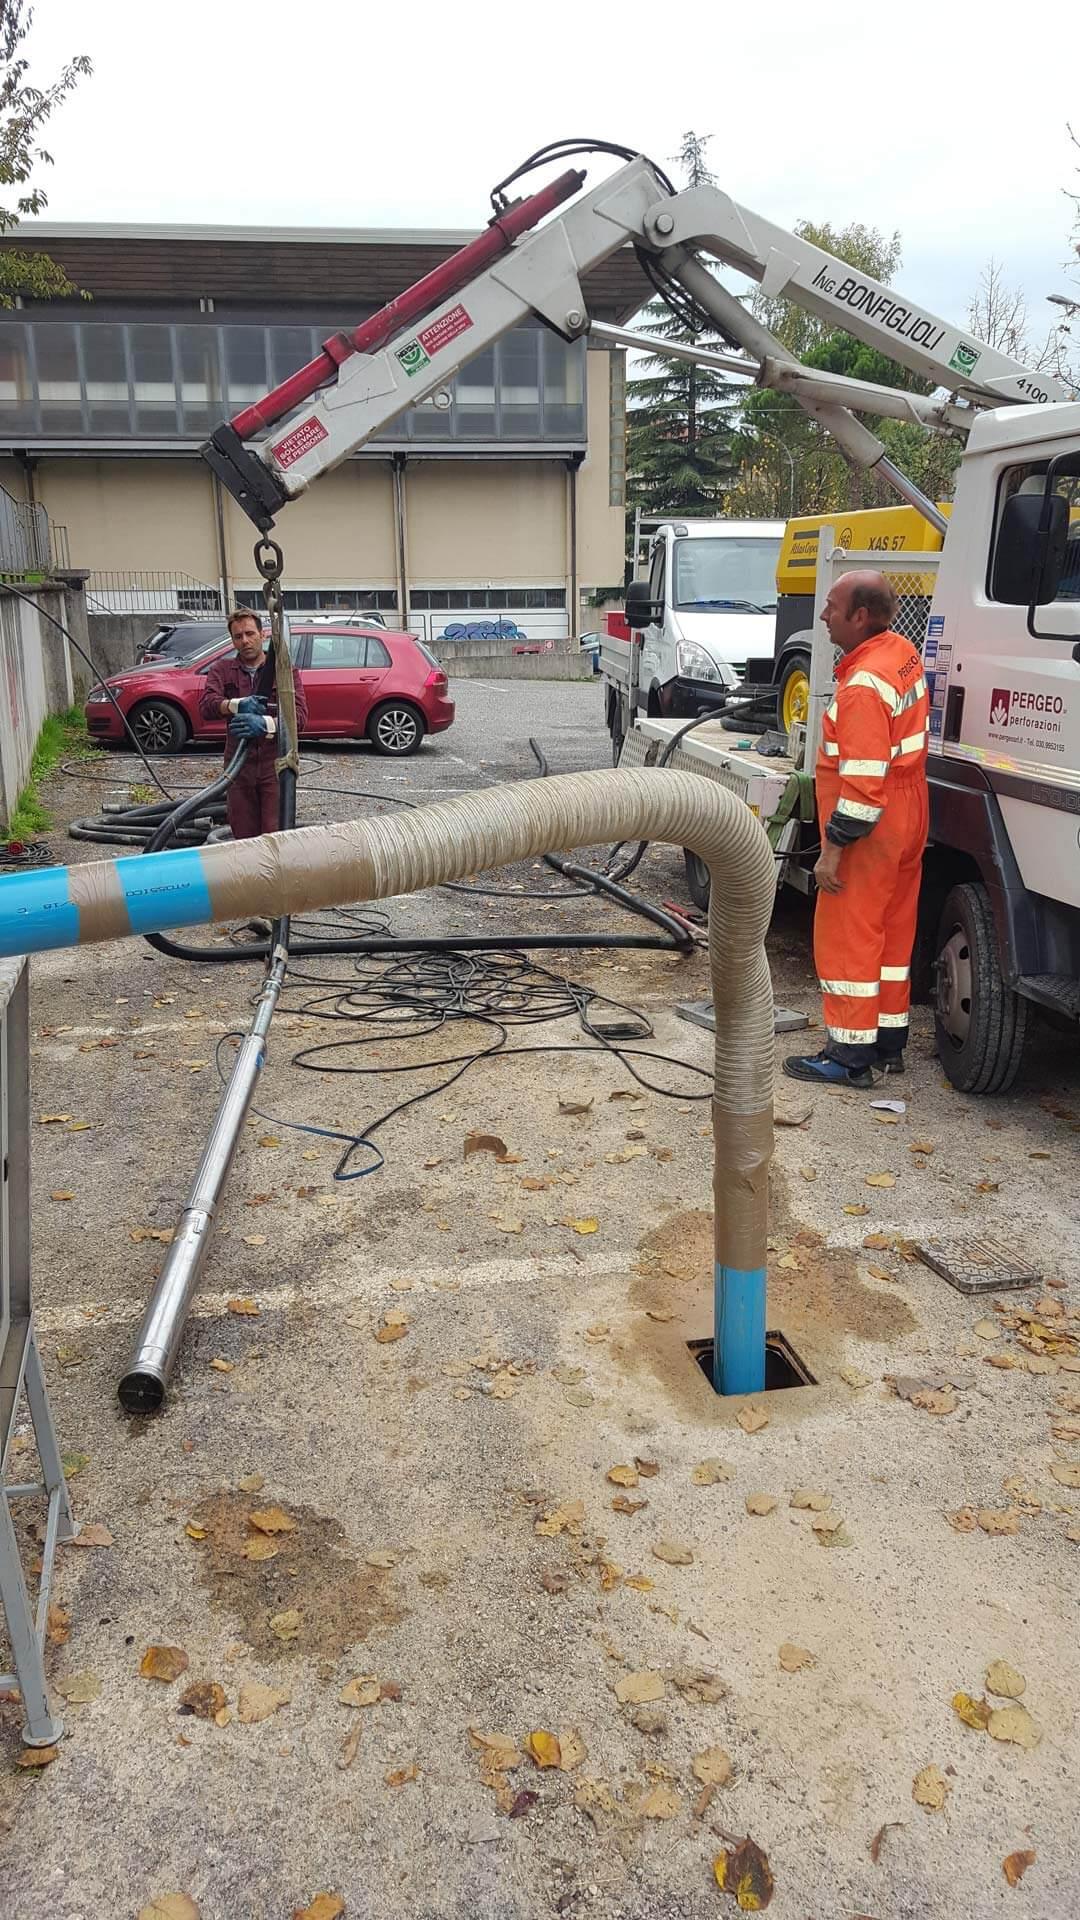 Installazione elettropompa ed esecuzione Air Lift